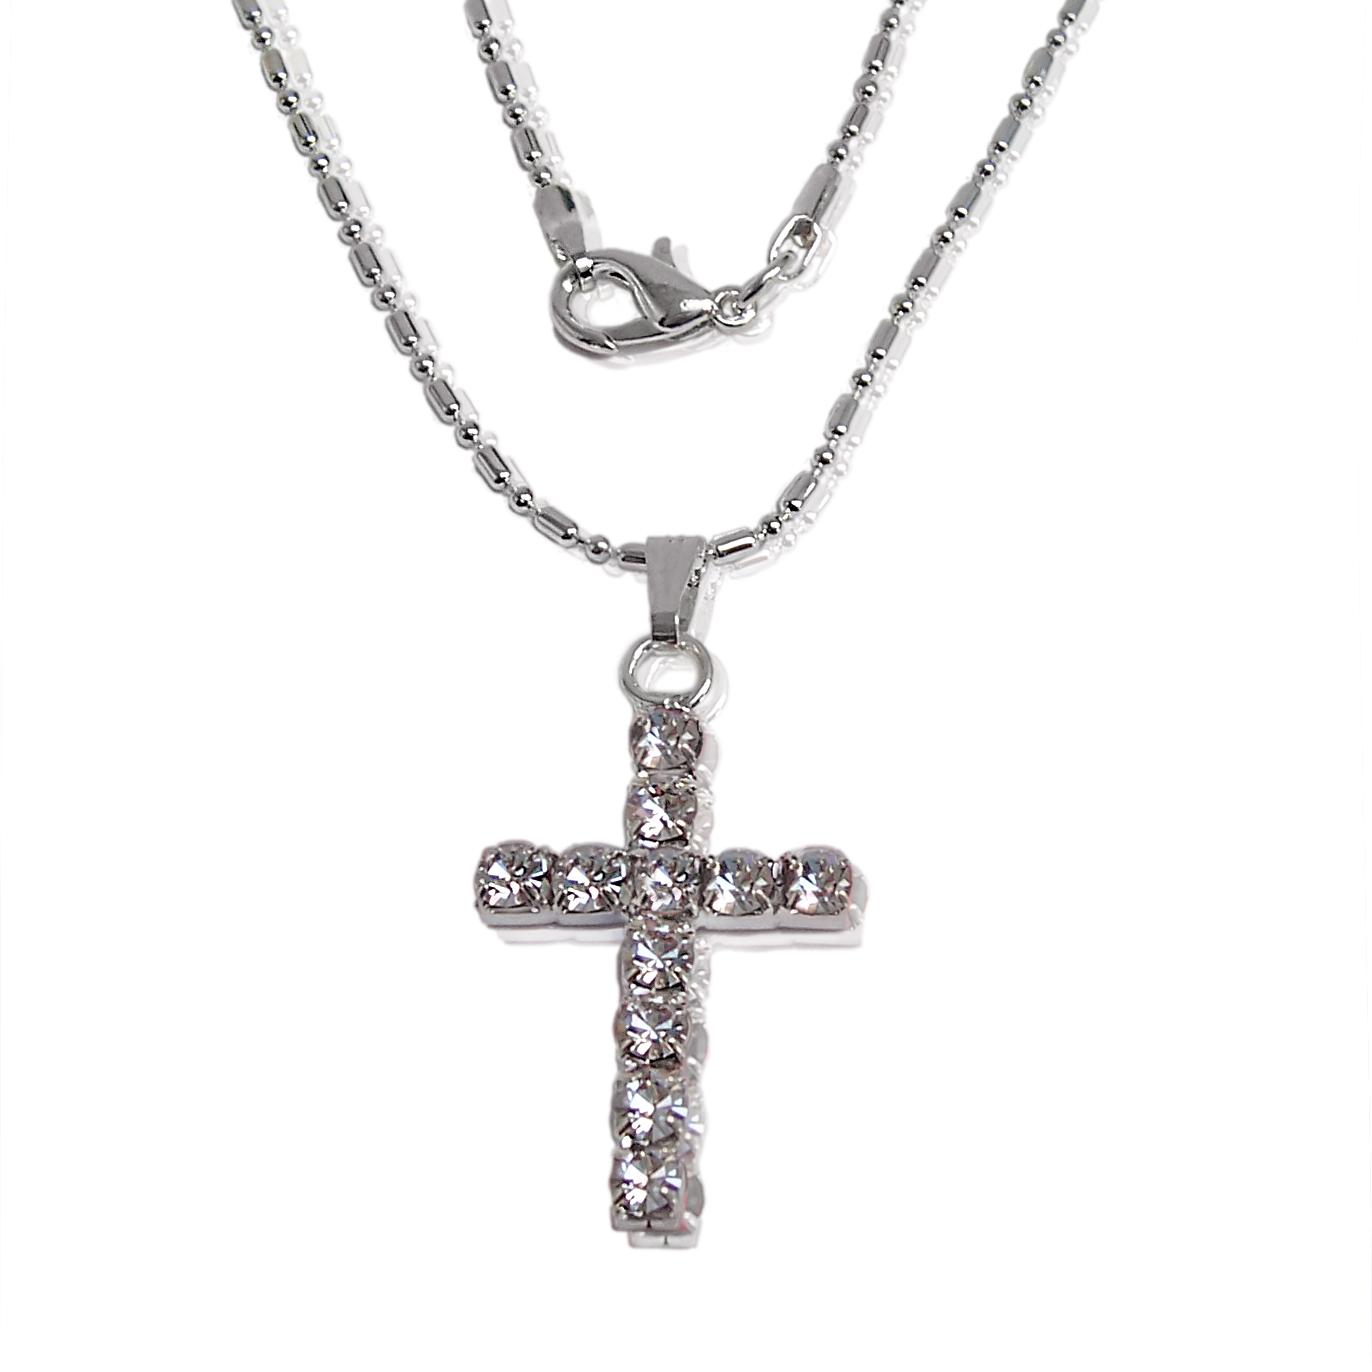 Halskette Kreuz 3cm Anhänger Kreuzkette 42cm Silber Strass klar K969